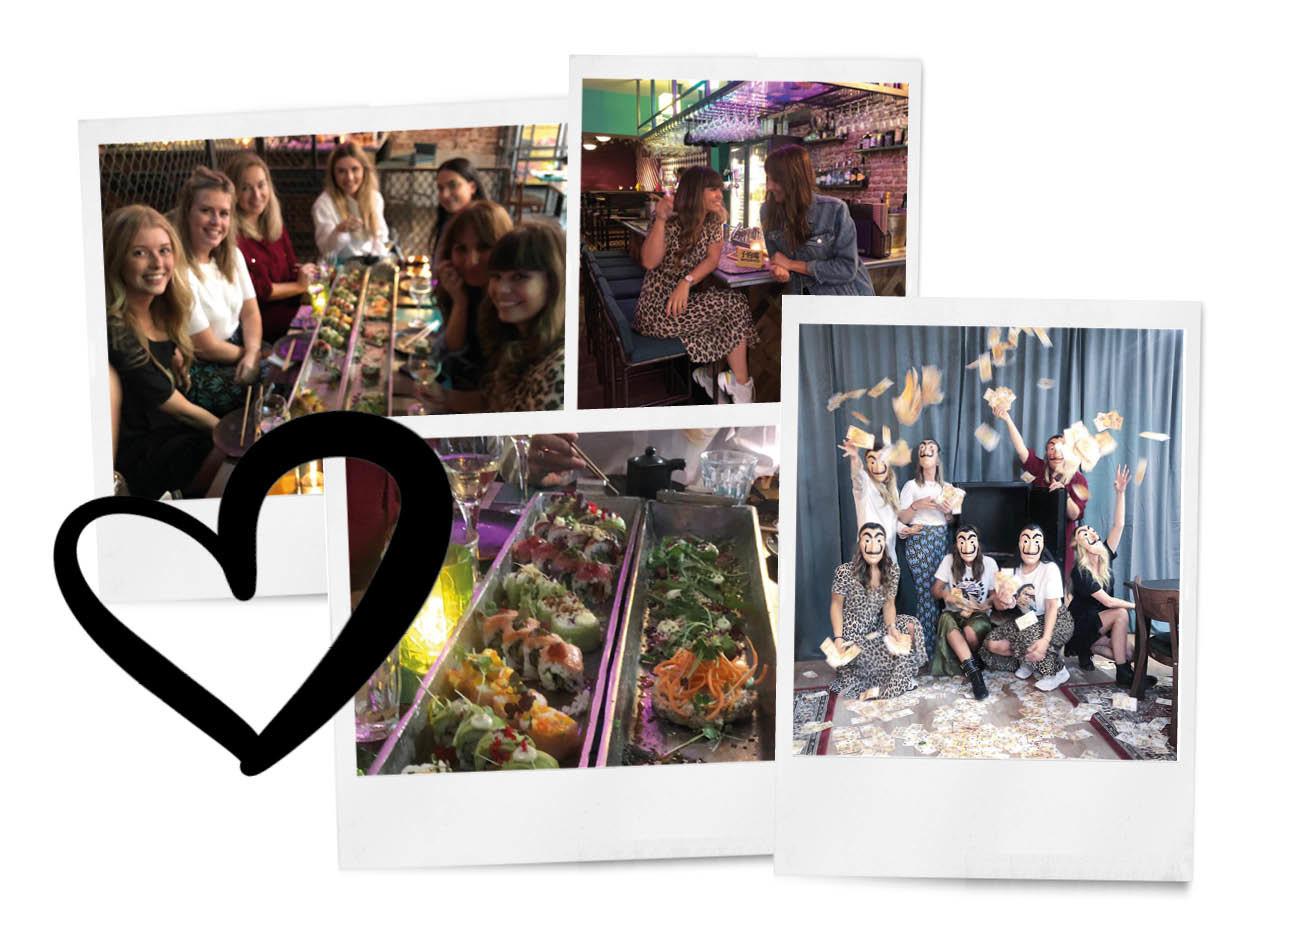 team amayzine in utrecht sushi eten aan tafel en la casa di papel